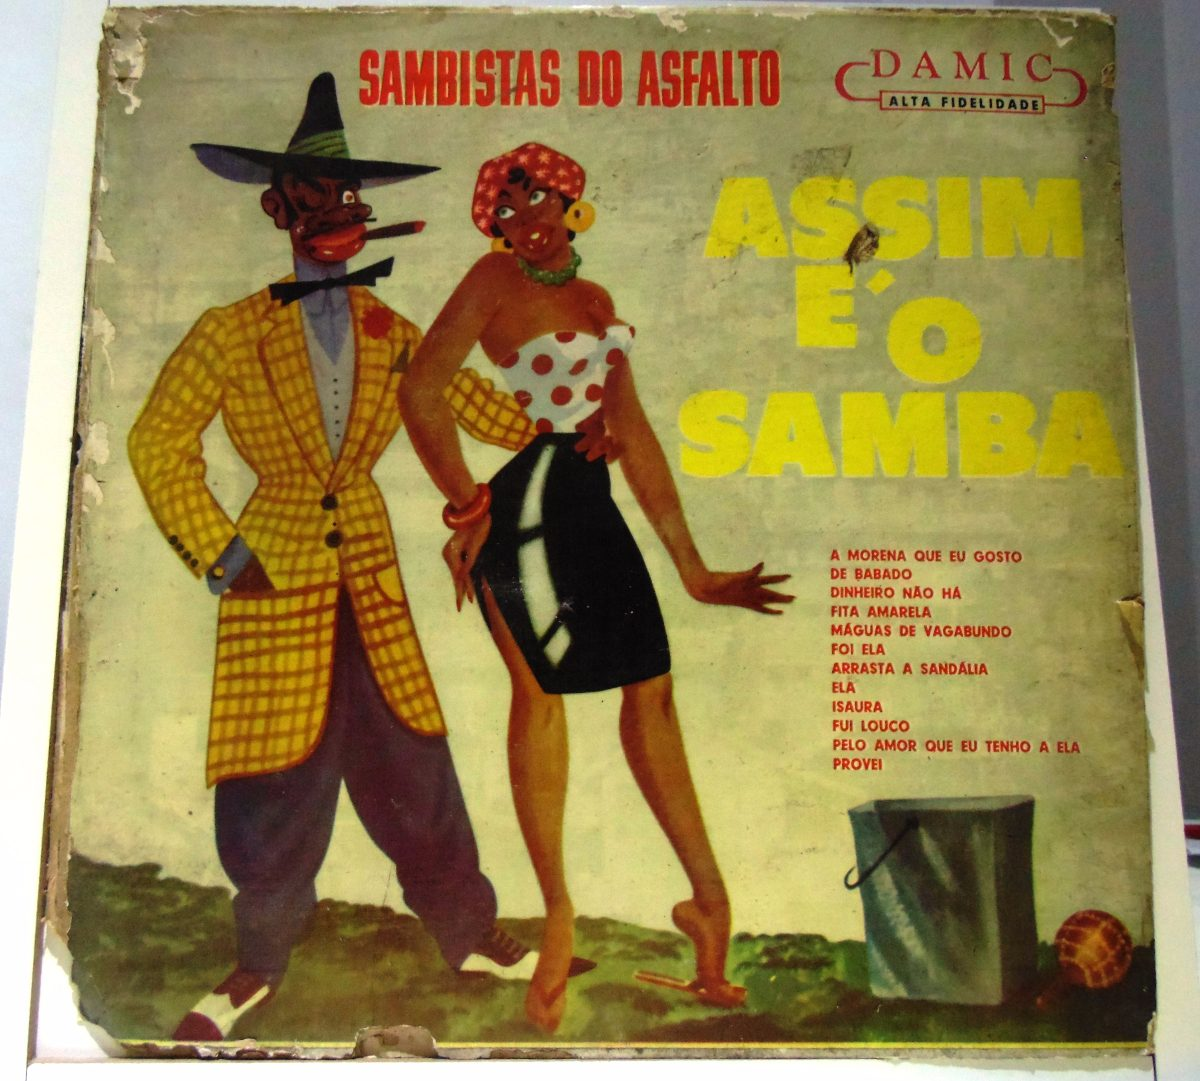 312f585e660d8 Lp Sambista Do Asfalto -assim É O Samba - R  30,00 em Mercado Livre